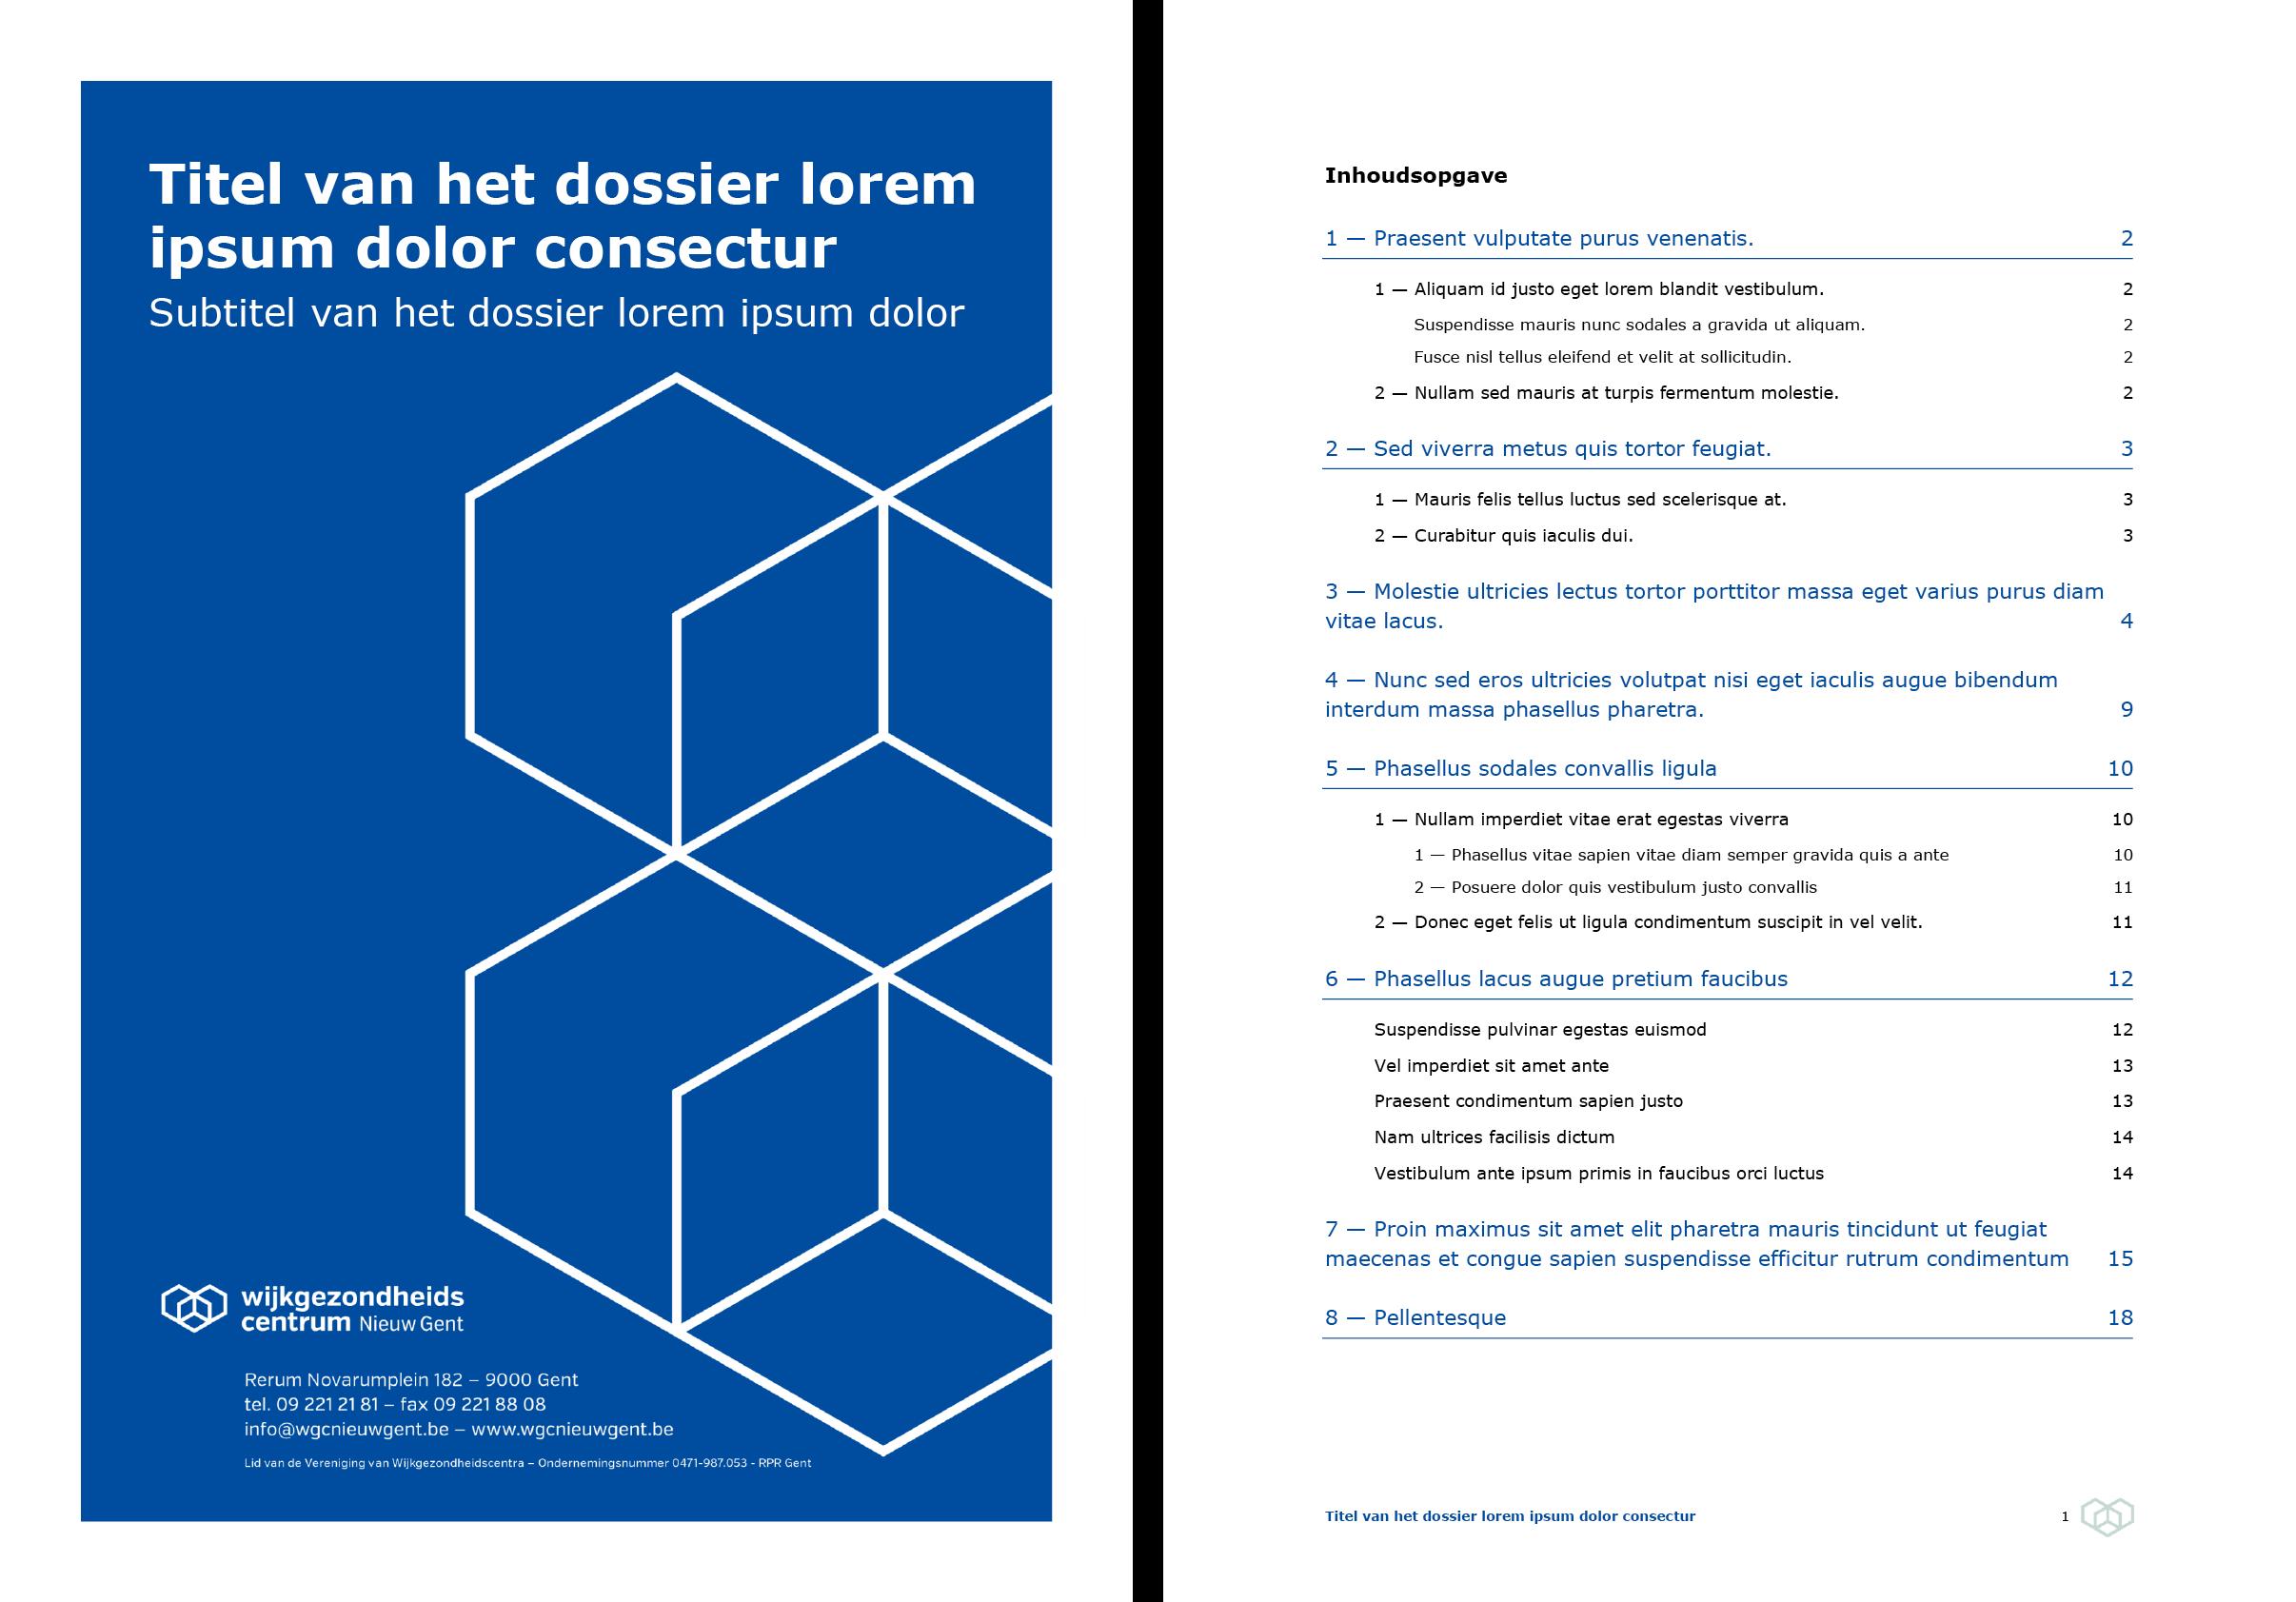 Dossier: voorblad blauw en automatische inhoudsopgave (ingevuld). Microsoft Word-sjabloon voor WGC Nieuw Gent.